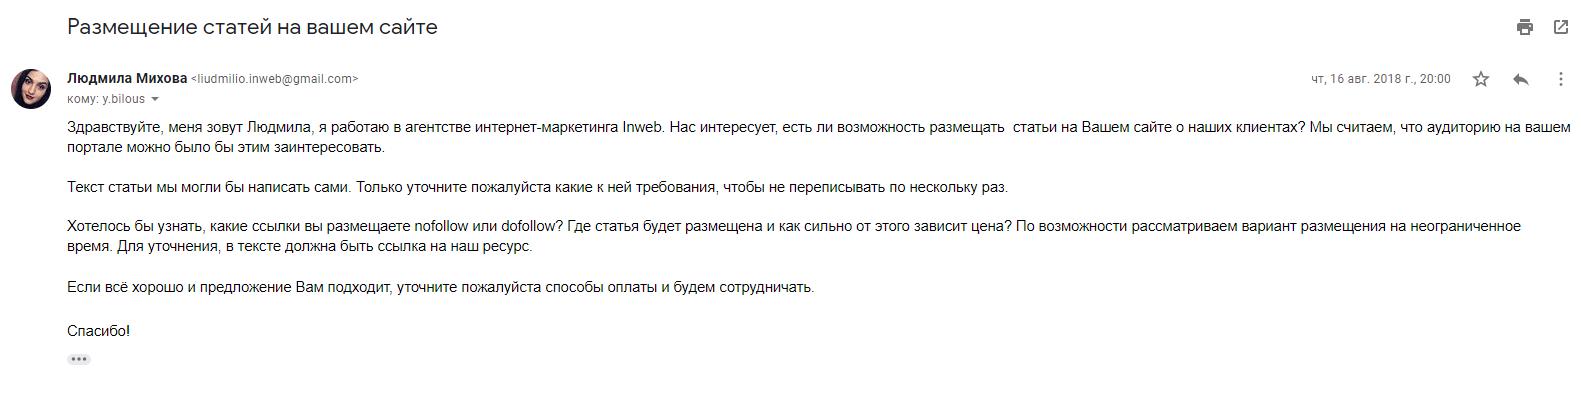 Пример первого письма-запроса о сотрудничестве